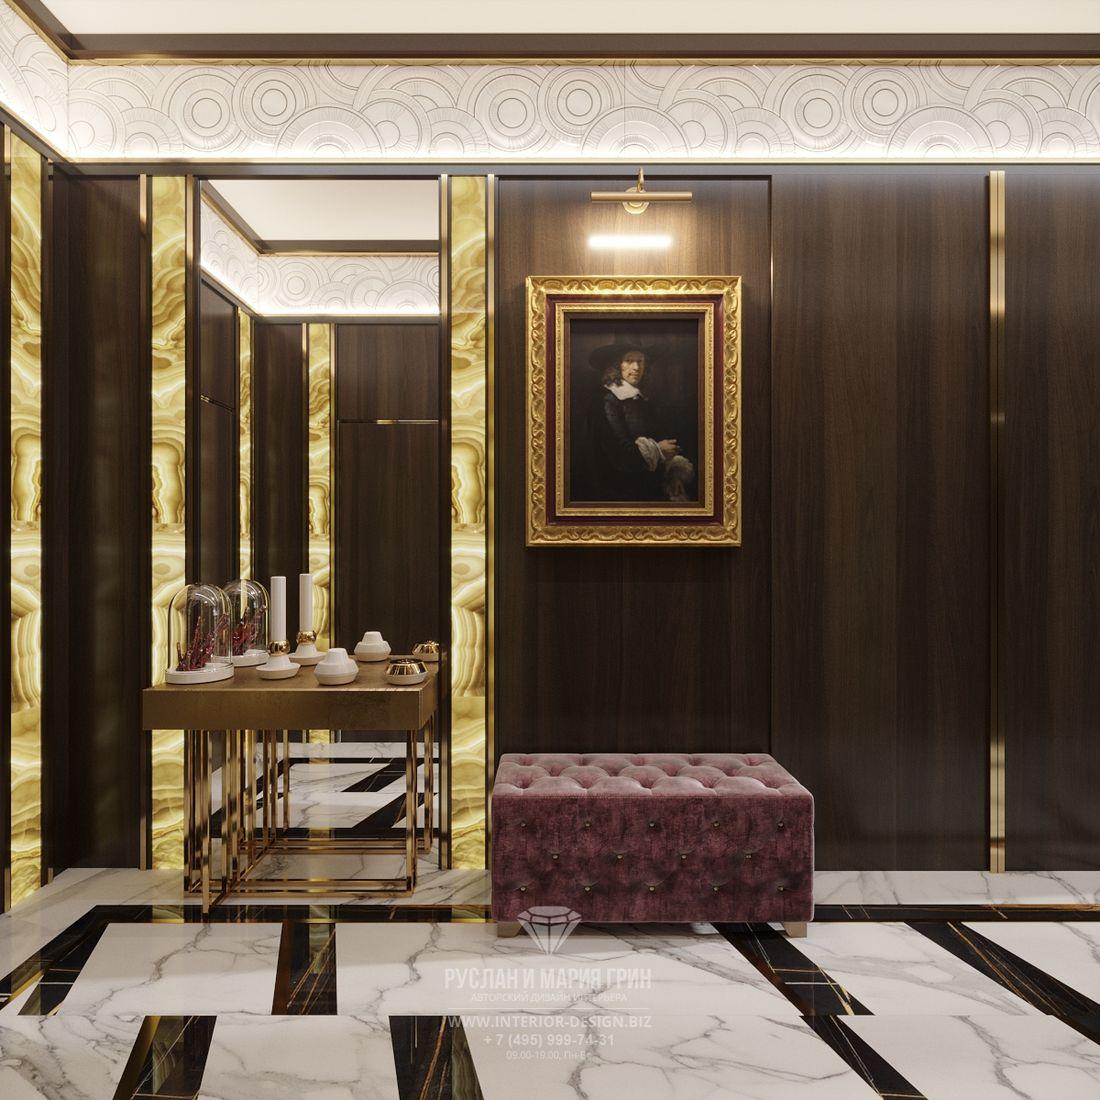 Дизайн двухуровневой квартиры – входная зона с большим зеркалом